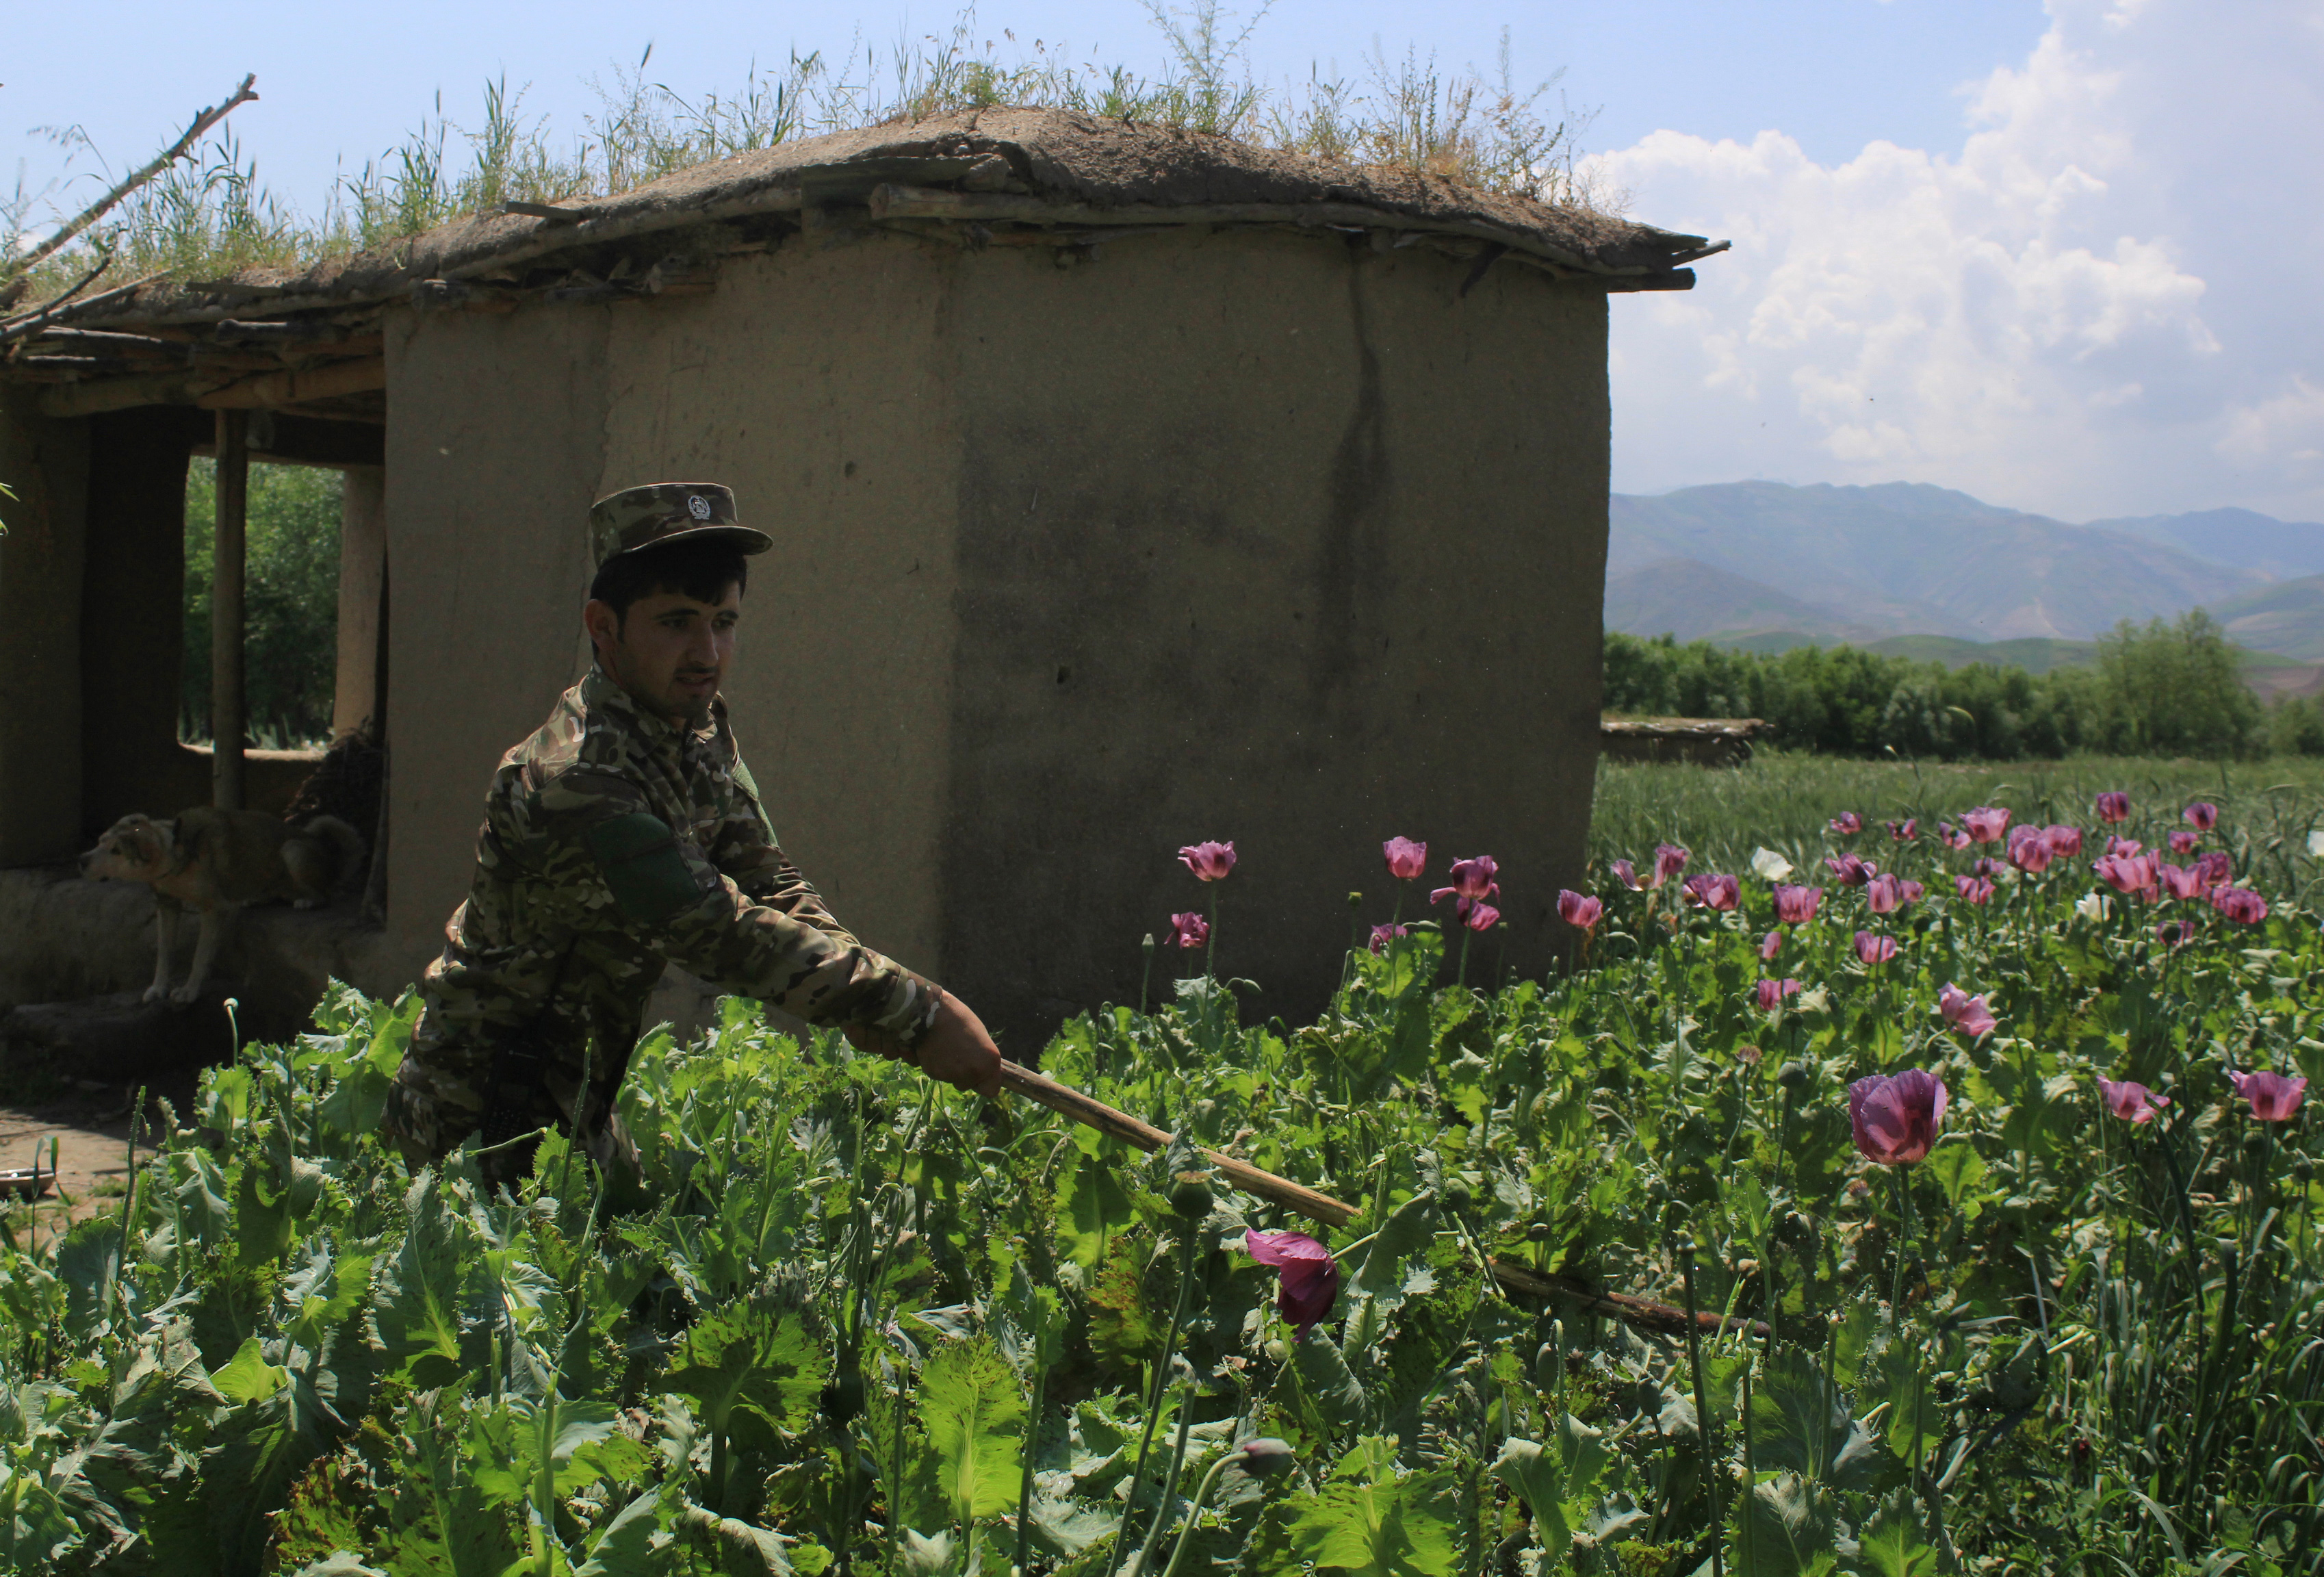 مقامات می گویند: طالبان به کلان ترین مافیای مواد مخدر افغانستان تبدیل شده اند